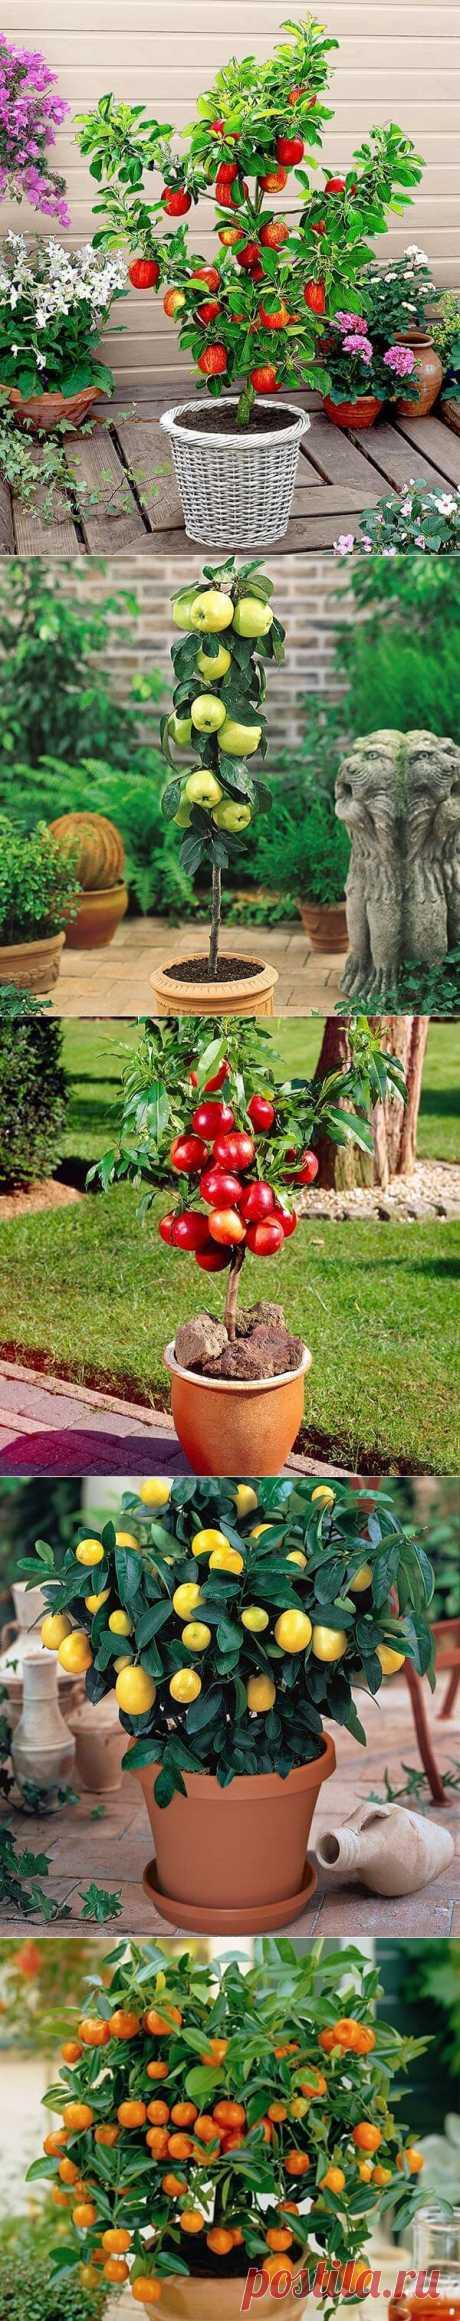 Карликовые деревья, из которых можно устроить настоящий фруктовый сад прямо на балконе  Черешня Апельсин Киви Вишня Мандарин Гранат Лимон Груша | Тысяча и одна идея    быстрые закуски  новогодние приметы       салат оливье